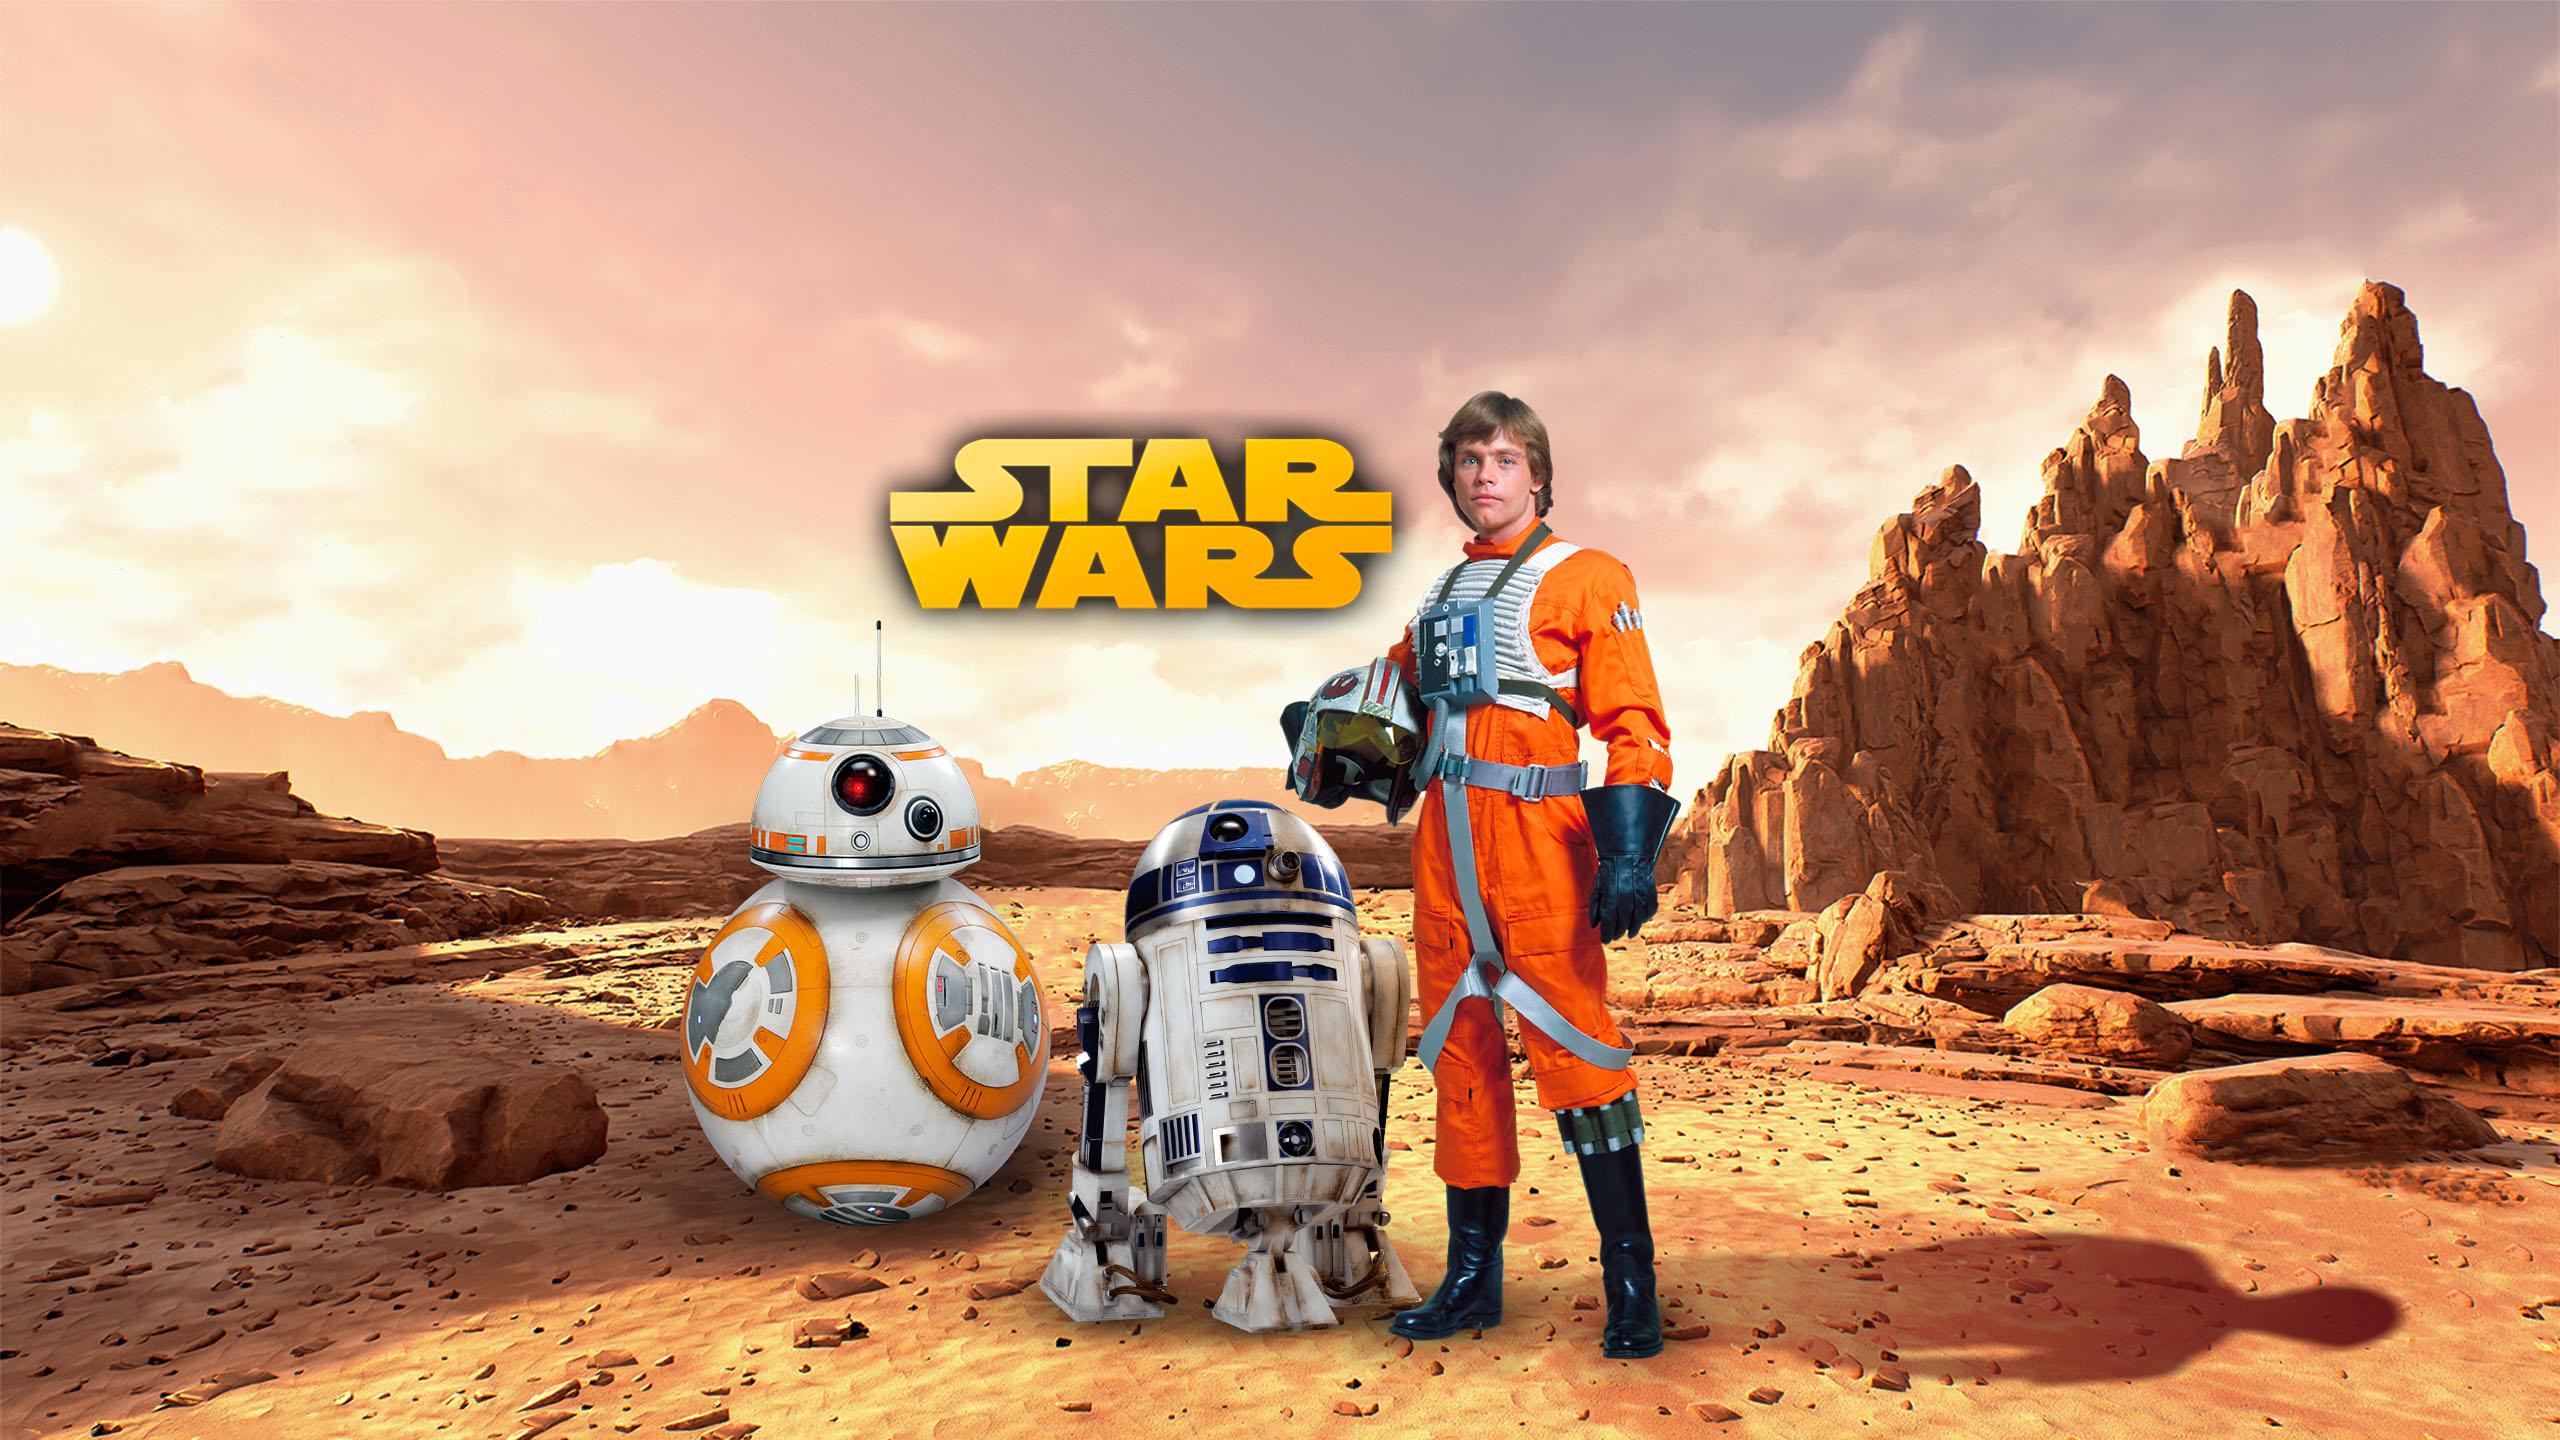 Star Wars Luke Skywalker Wallpaper By Walentywalewski On Deviantart